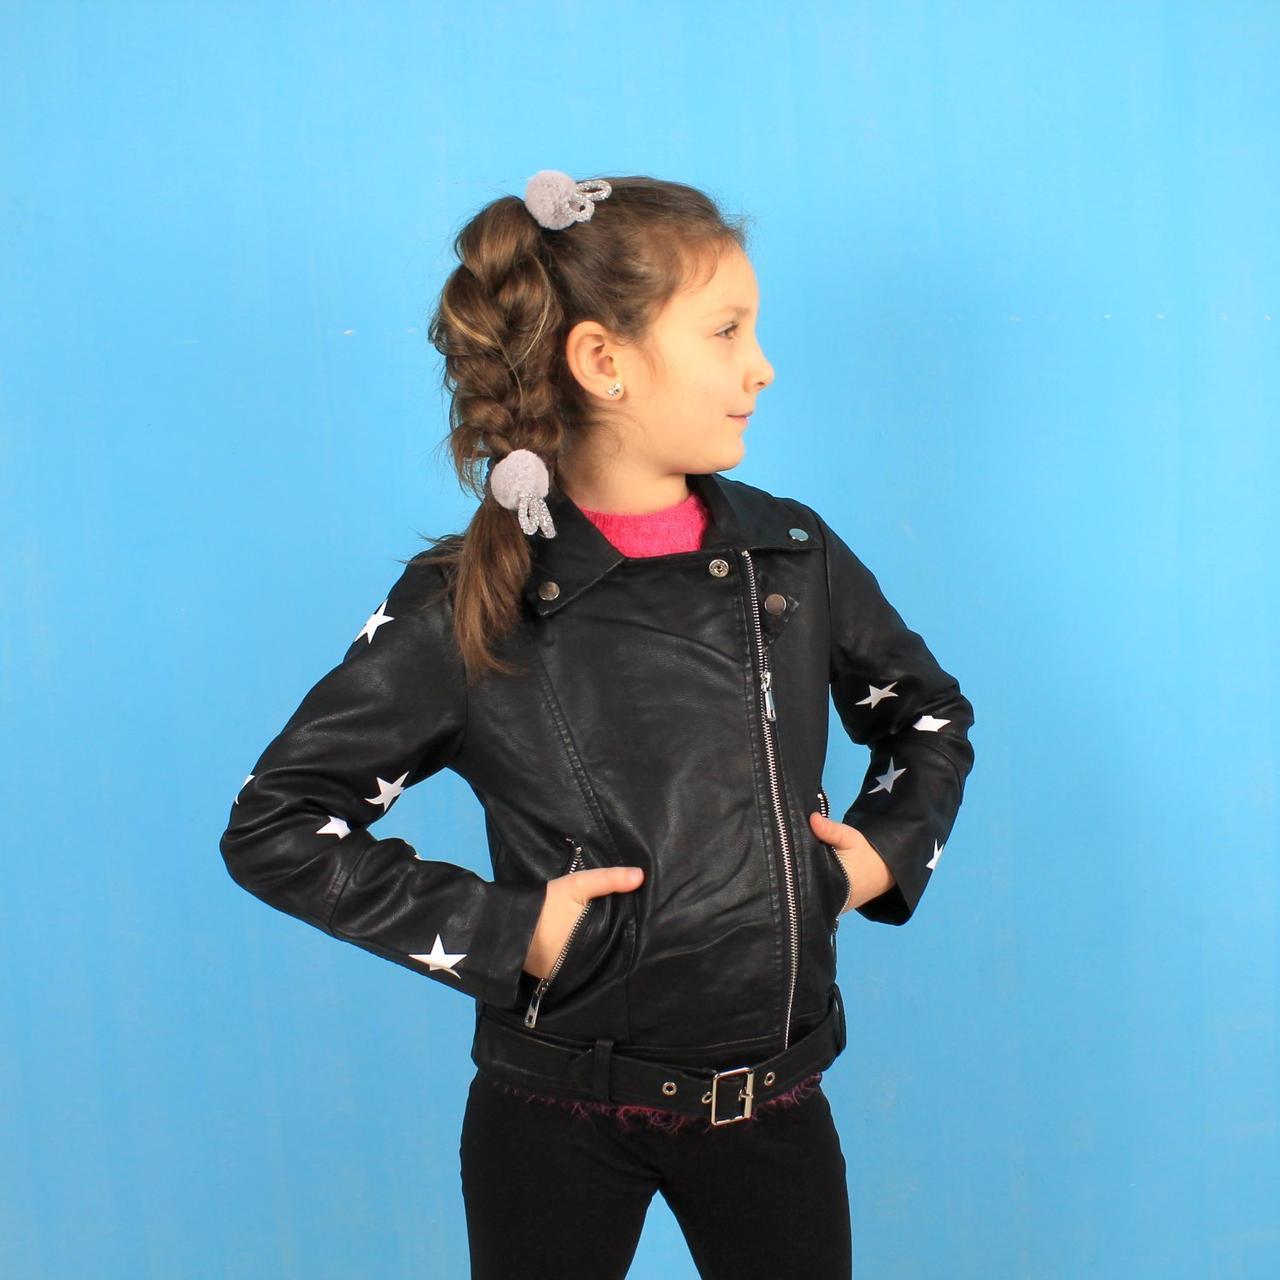 Куртка косуха для девочки Звезды черная тм S&D размер 6,8 лет